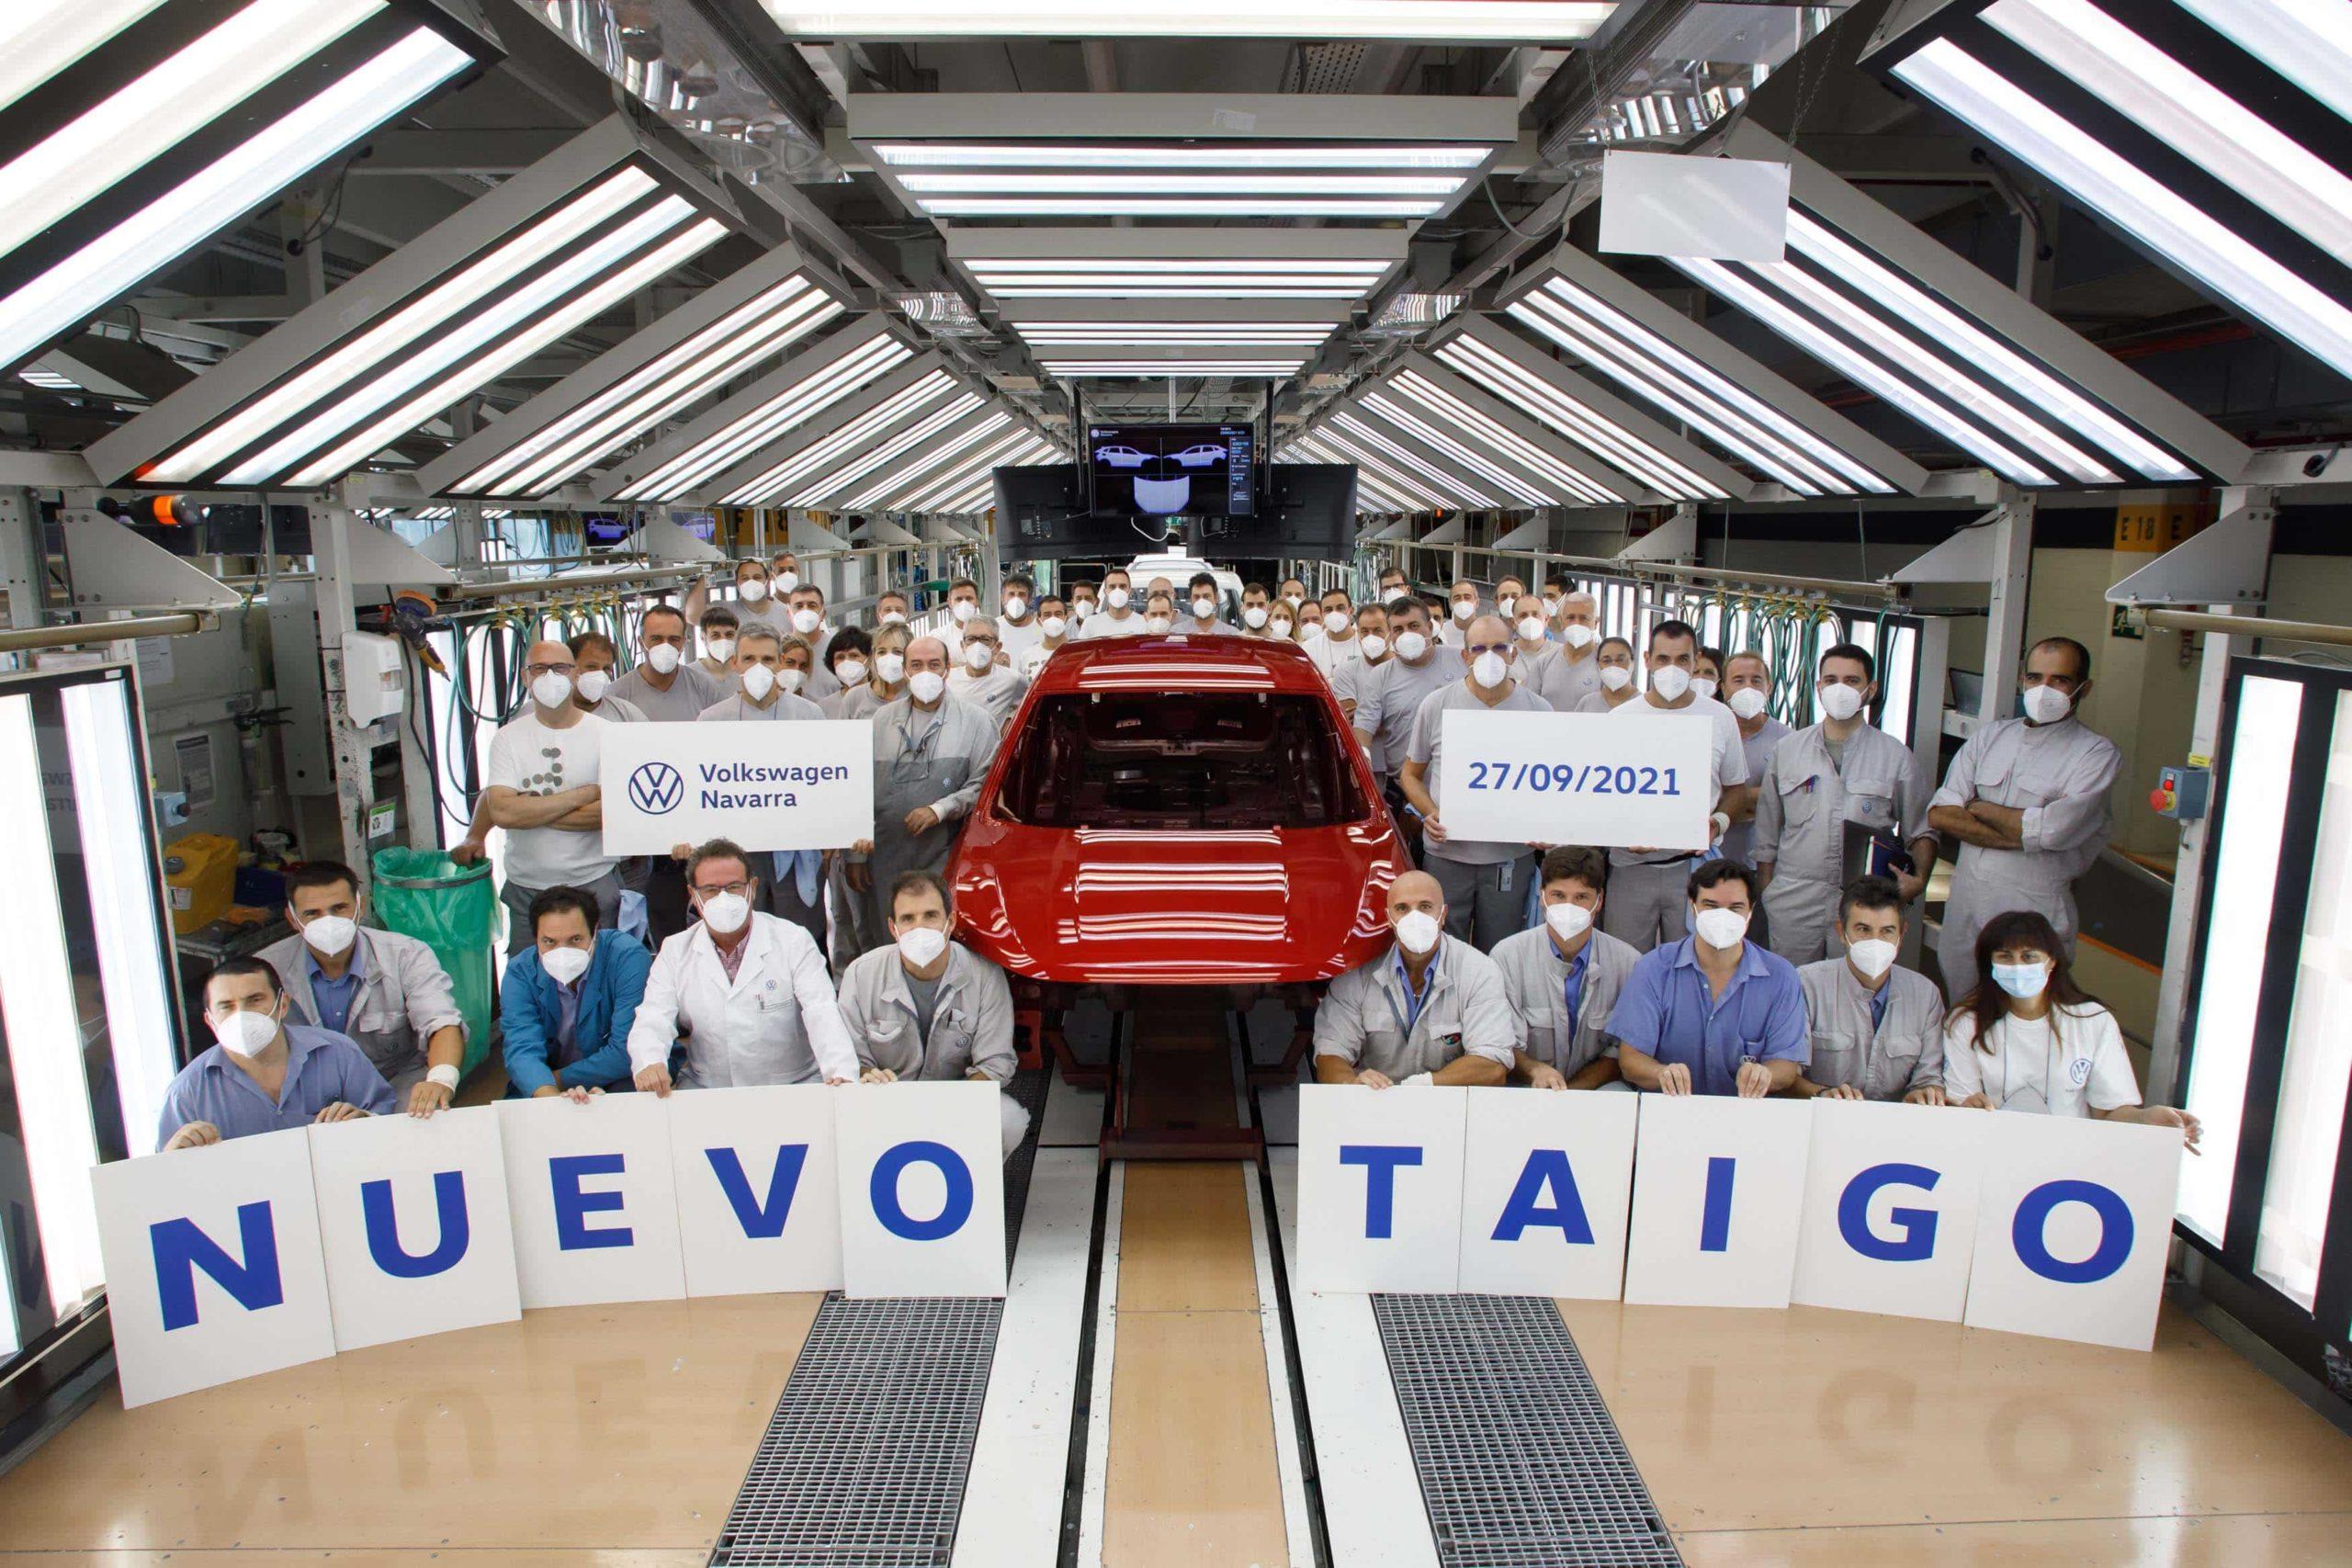 Volkswagen Navarra inicia la produccion en serie del nuevo Taigo en exclusiva para Europa 5